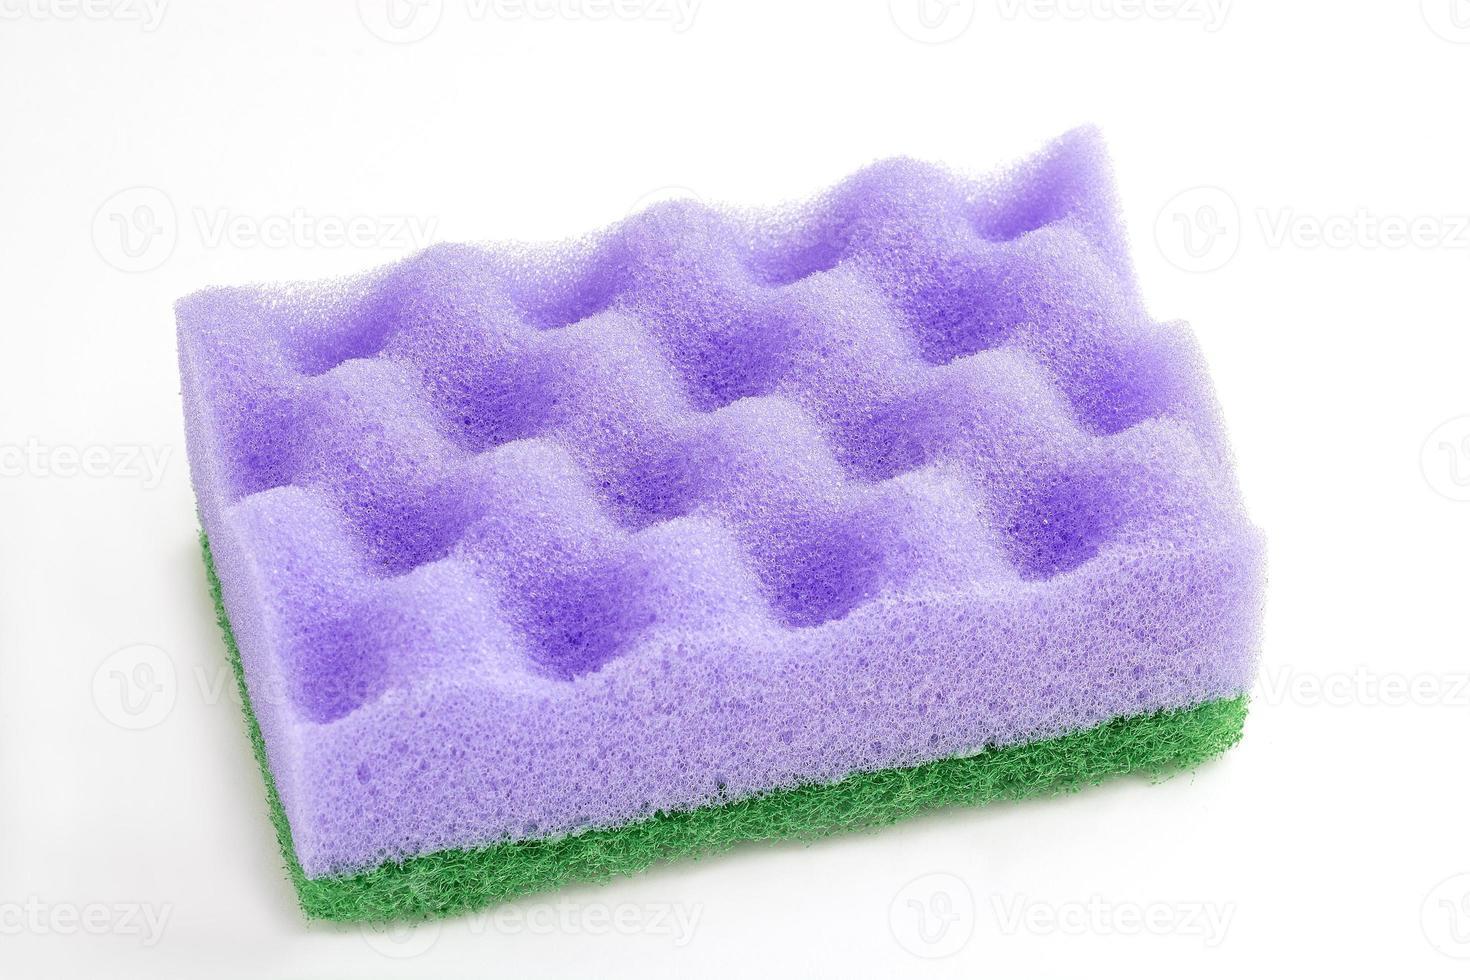 esponja para limpieza. foto